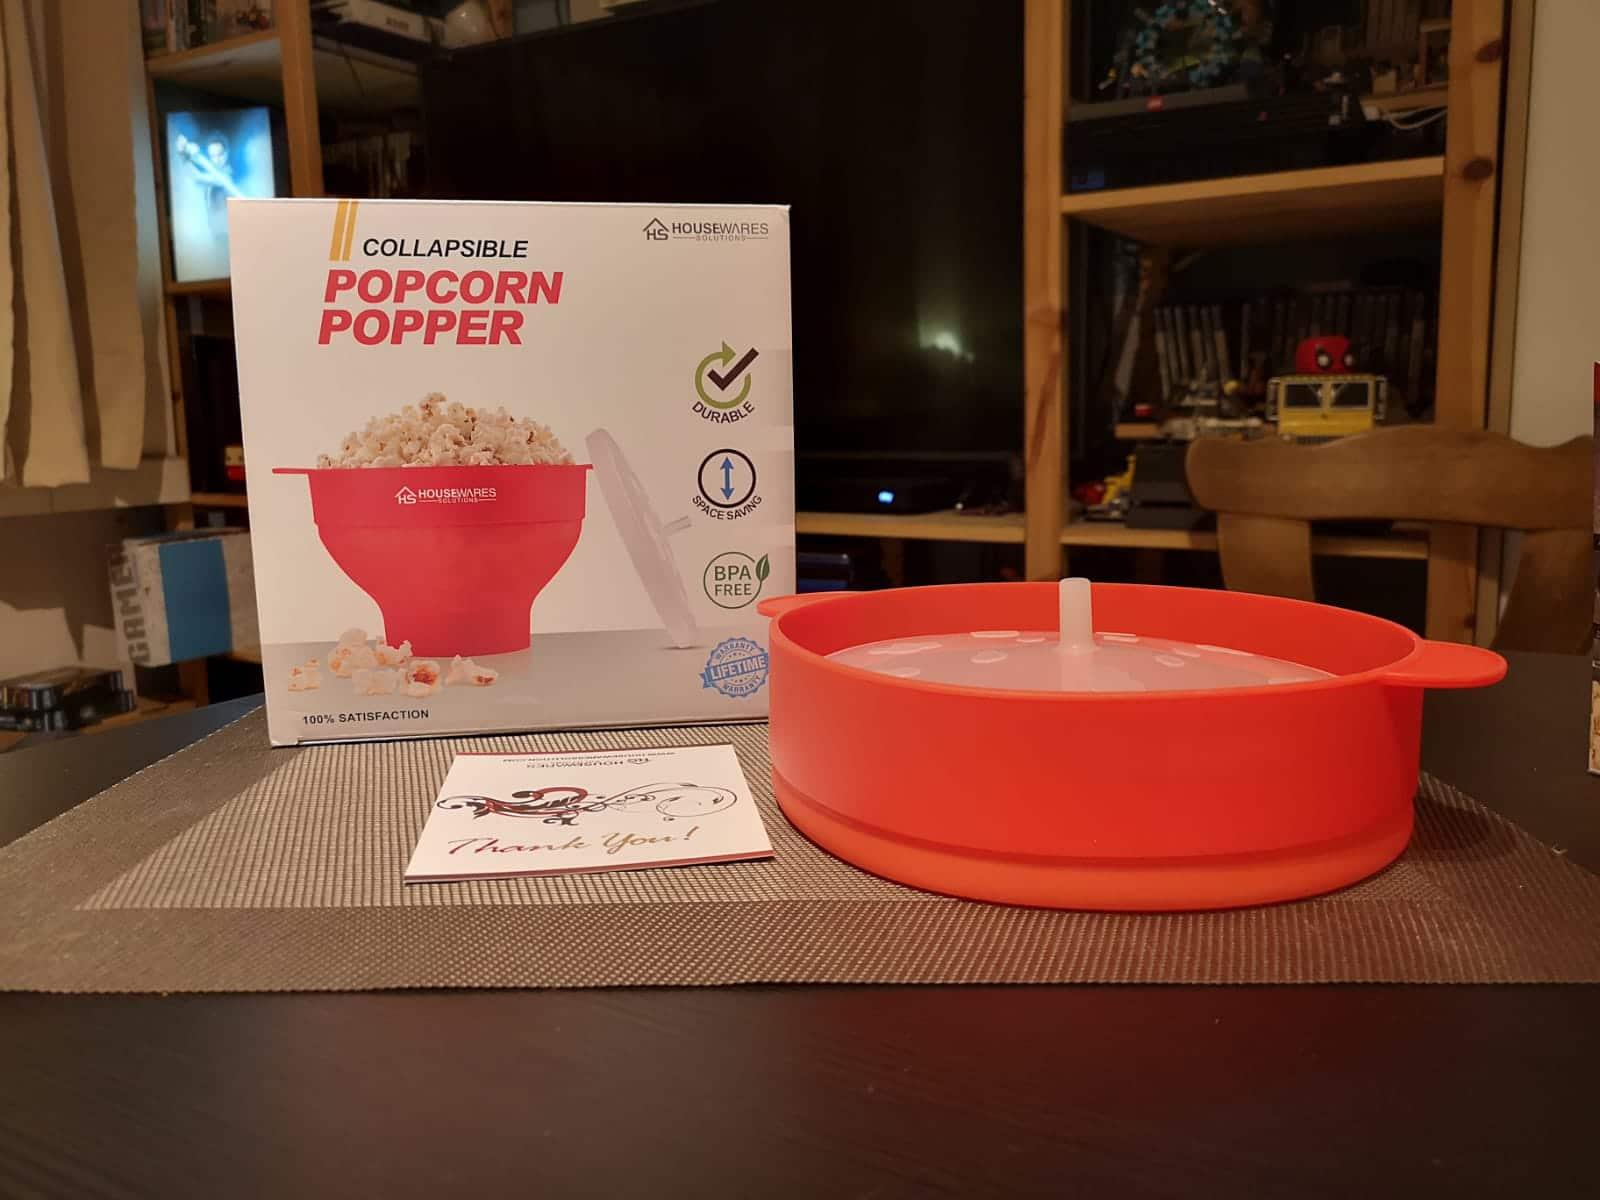 Popcorn Popper - Das ist mit dabei.